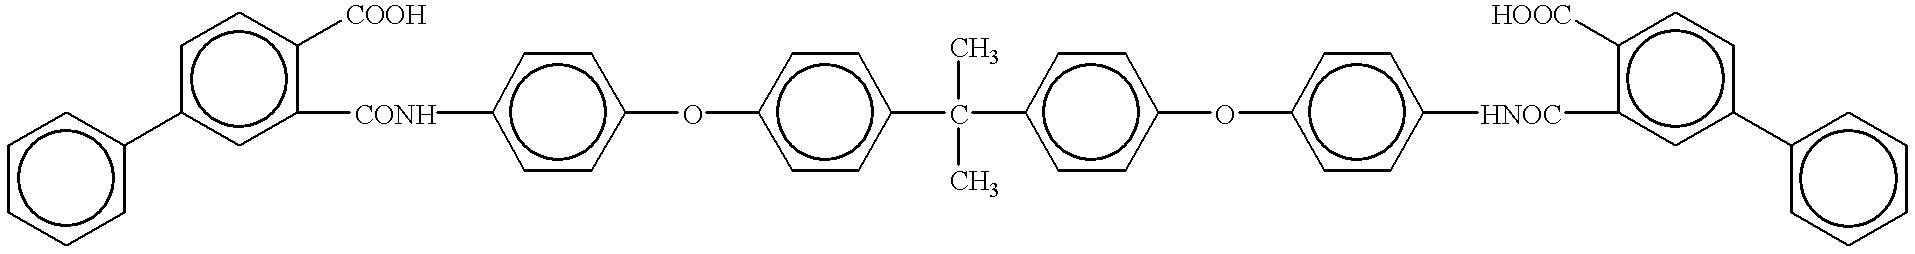 Figure US06180560-20010130-C00454